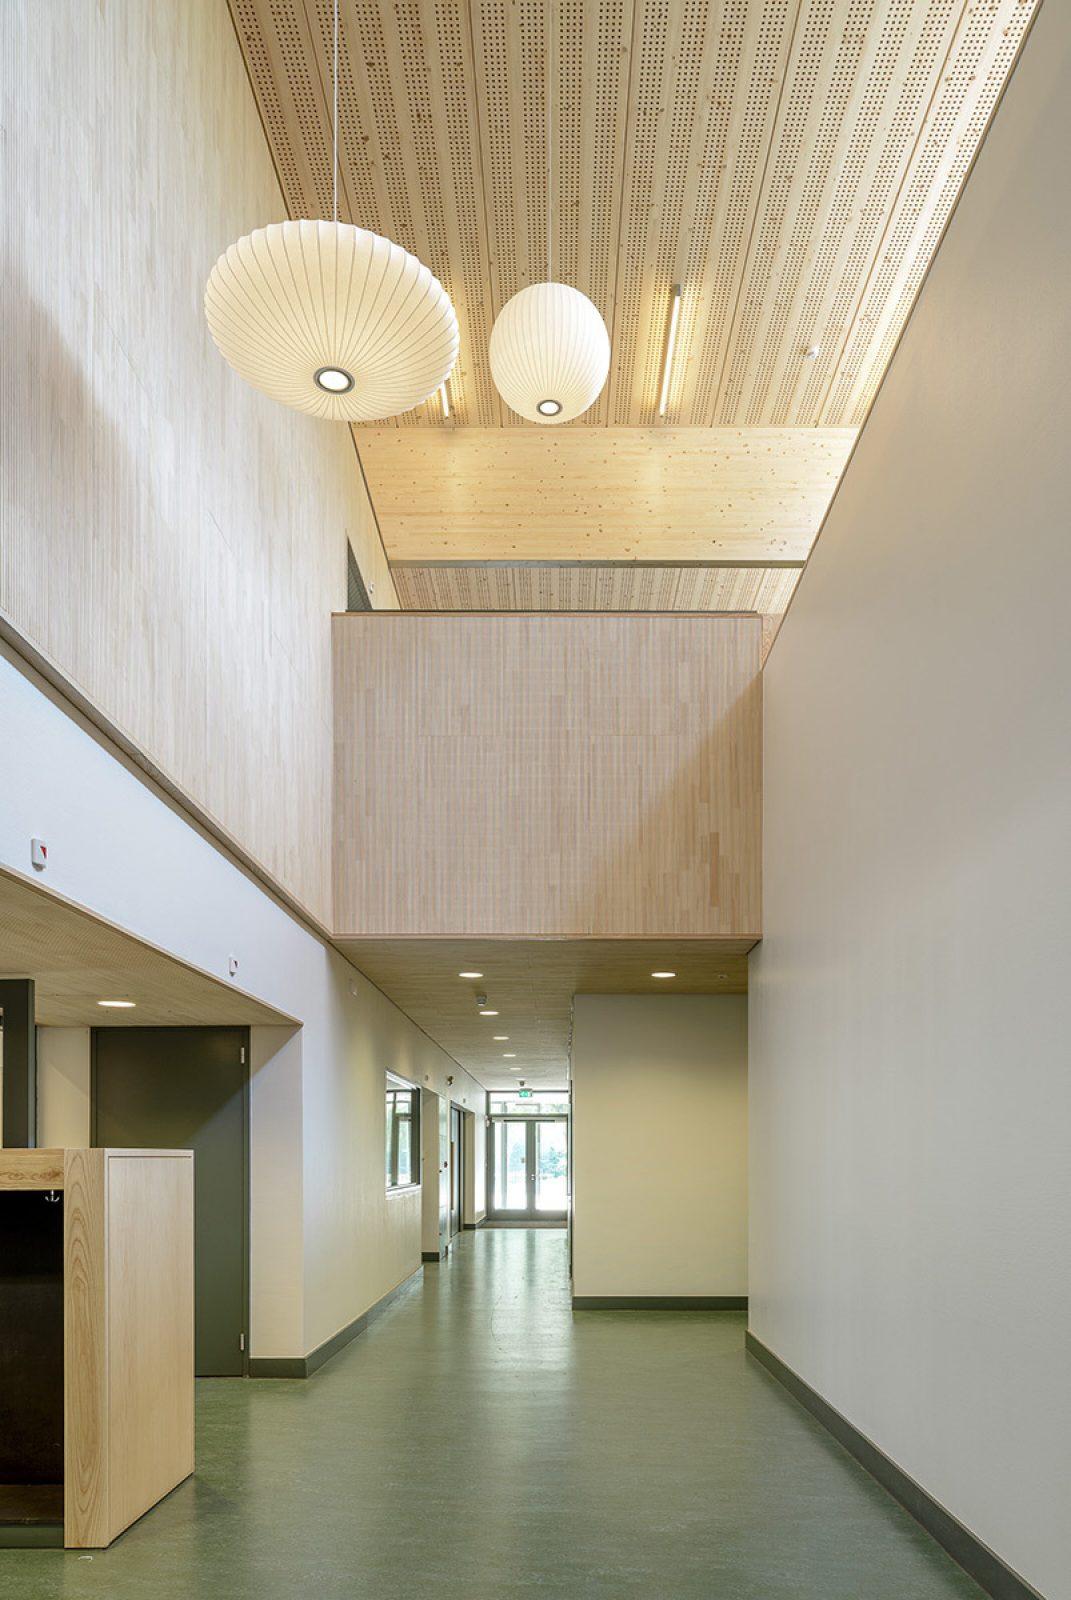 Aj Schreuderschool Corridor View